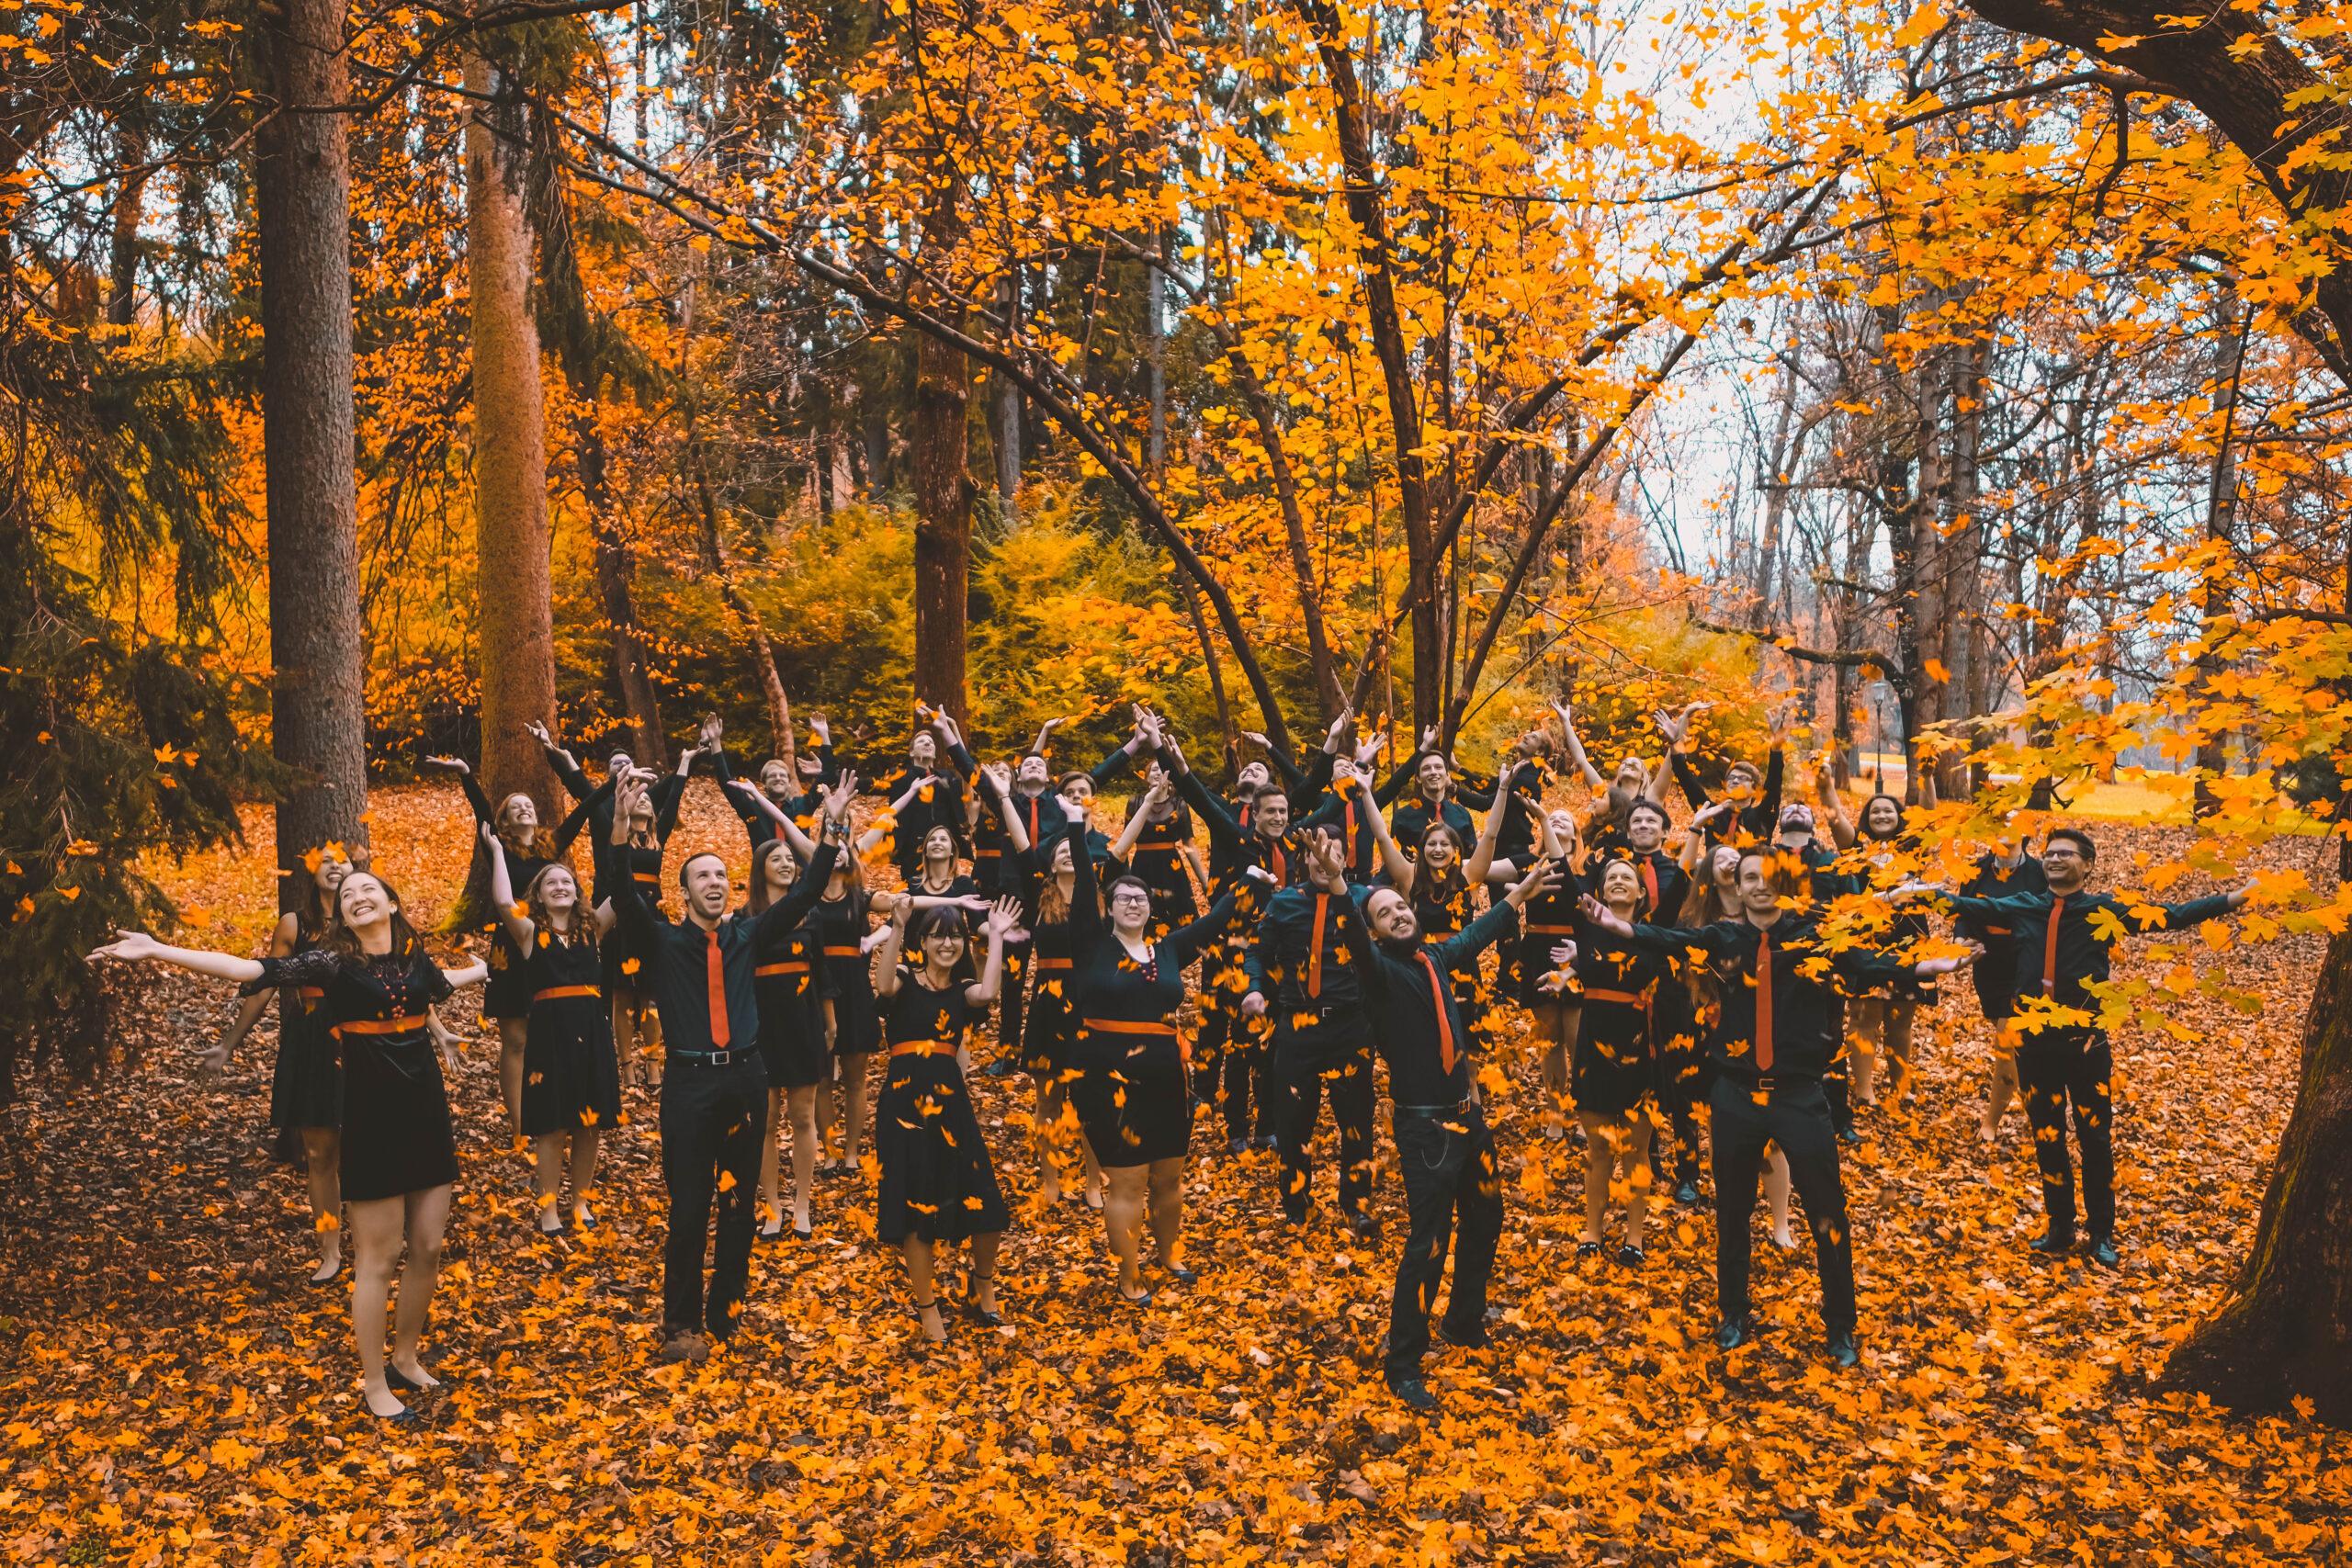 Žan Križnar, Slovenija: 50 odtenkov oranžne, 2018, Mešani pevski zbor Crescendo, Slovenija - Fotografija, narejena prav v parku Tivoli (nedaleč od tu, kjer ste zdaj), je pevcem in pevkam zbora ena ljubših fotografij.